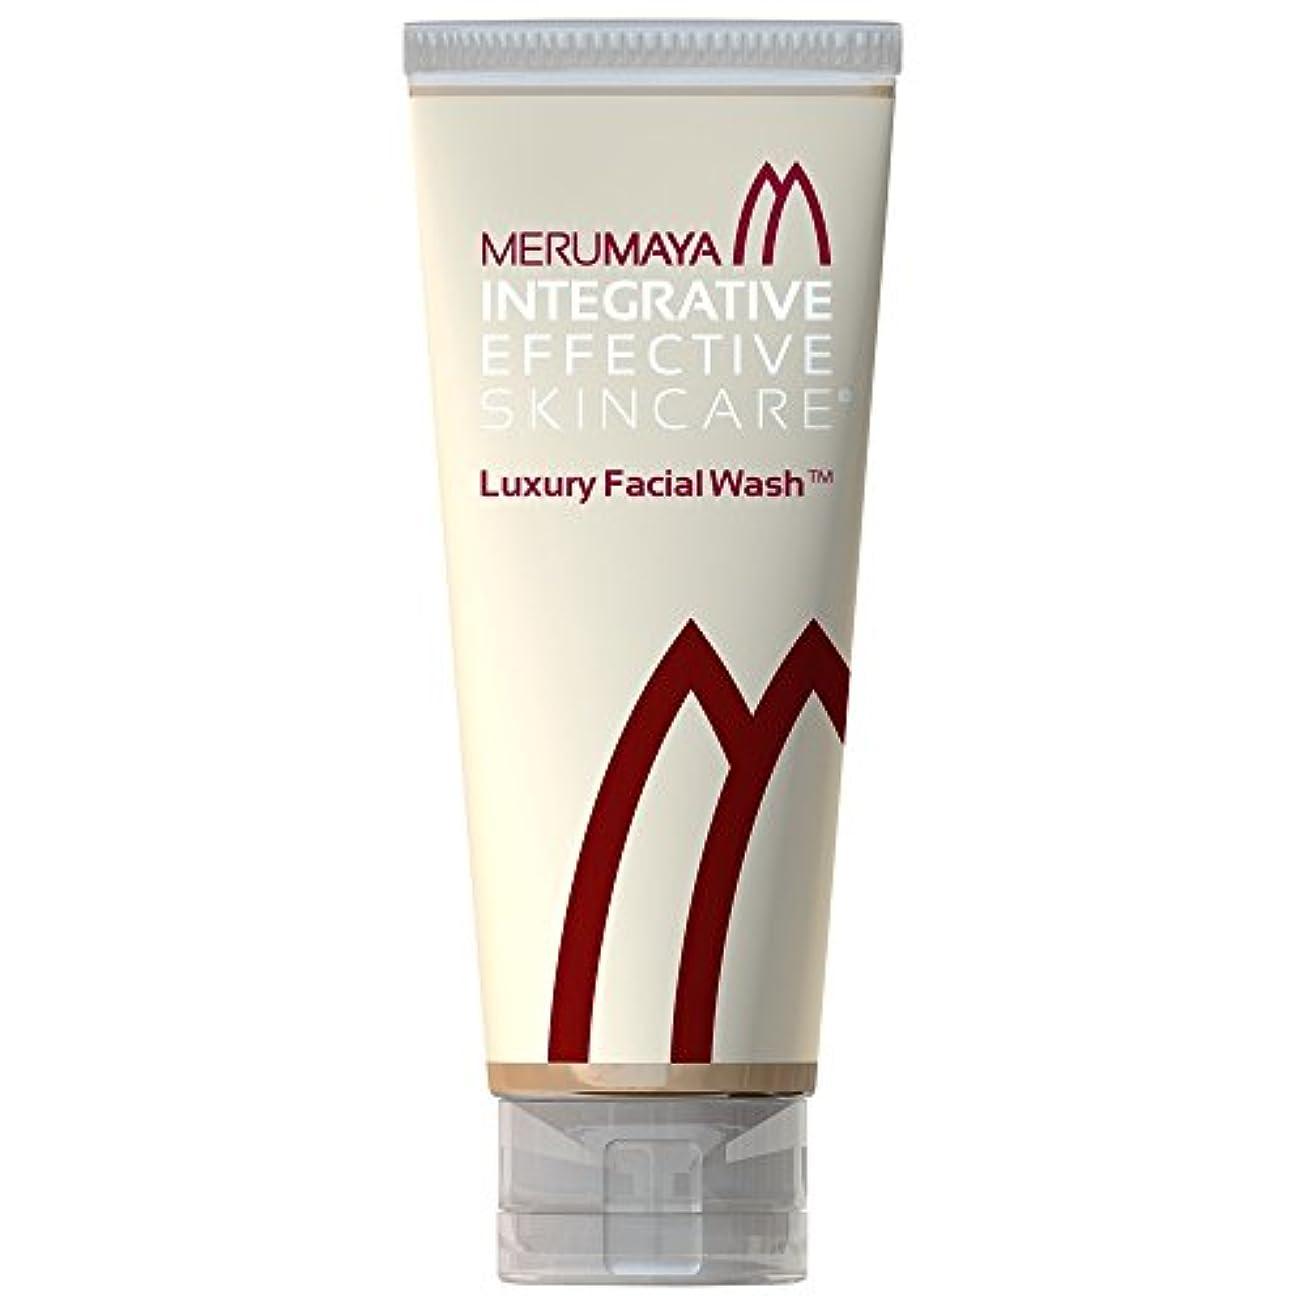 神経コンサートしないでくださいMerumaya高級洗顔?、100ミリリットル (Merumaya) - MERUMAYA Luxury Facial Wash?, 100ml [並行輸入品]